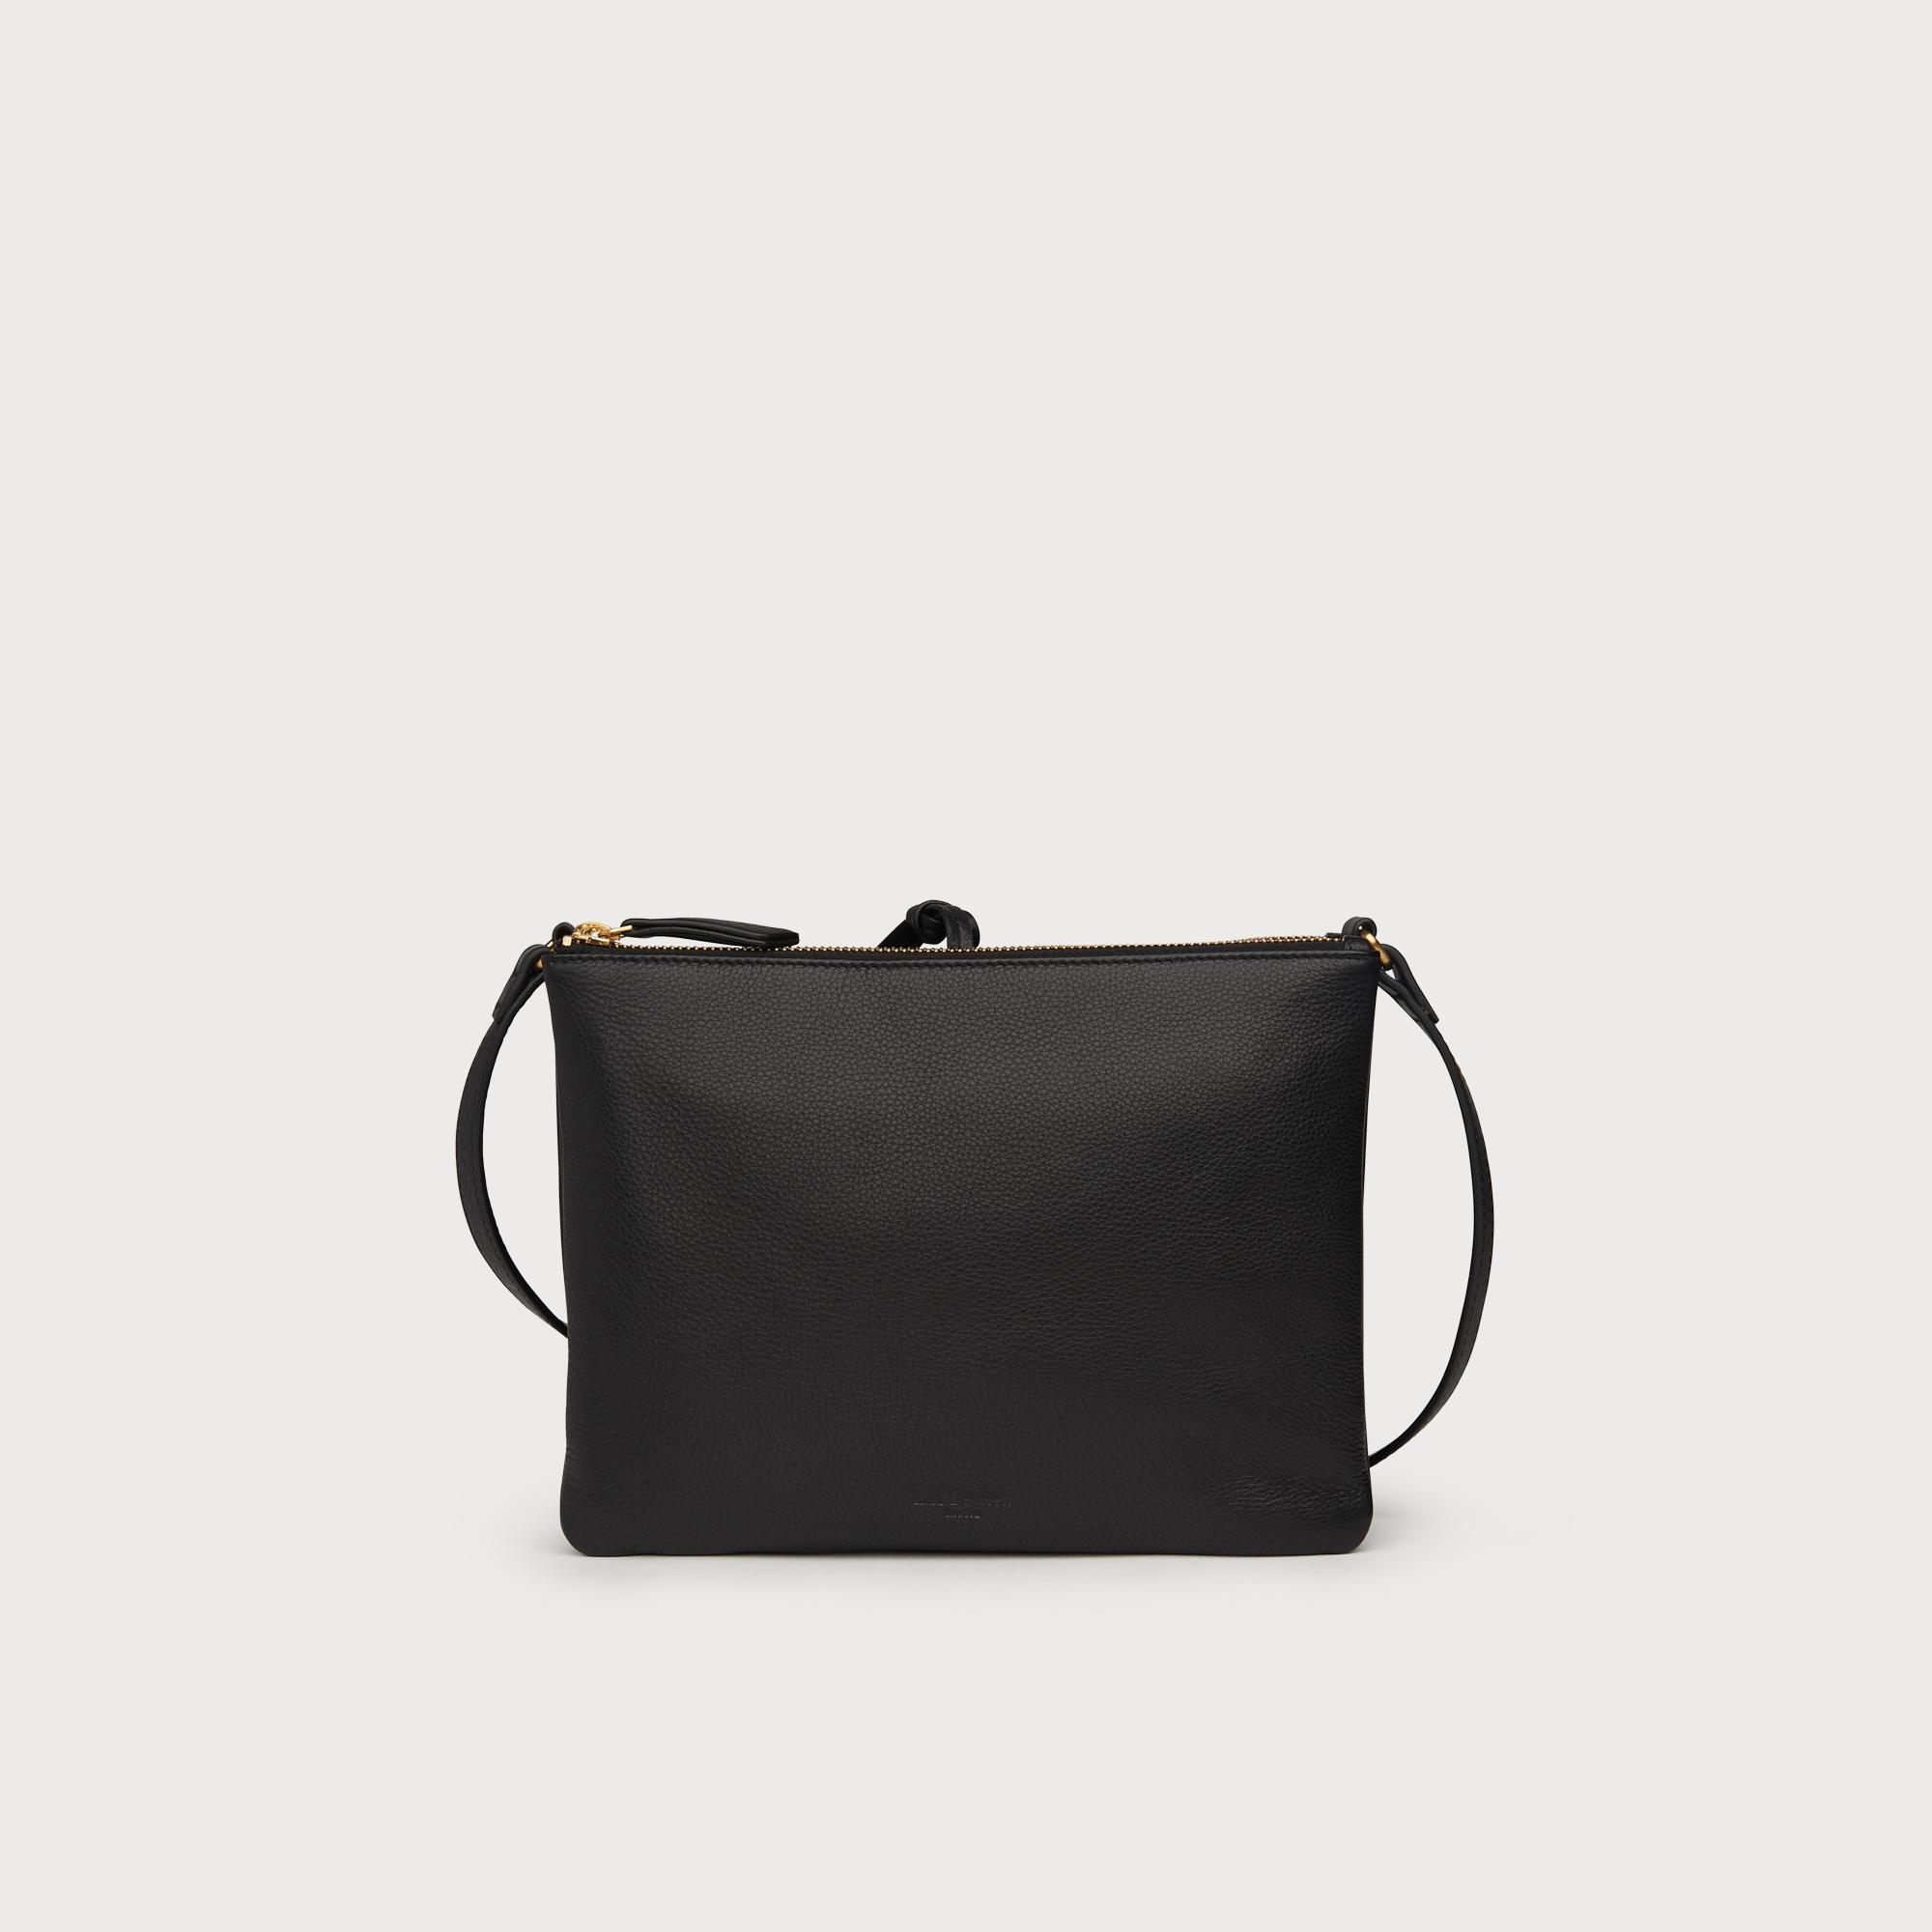 1d6938444c6d Benedetta Black Leather Shoulder Bag